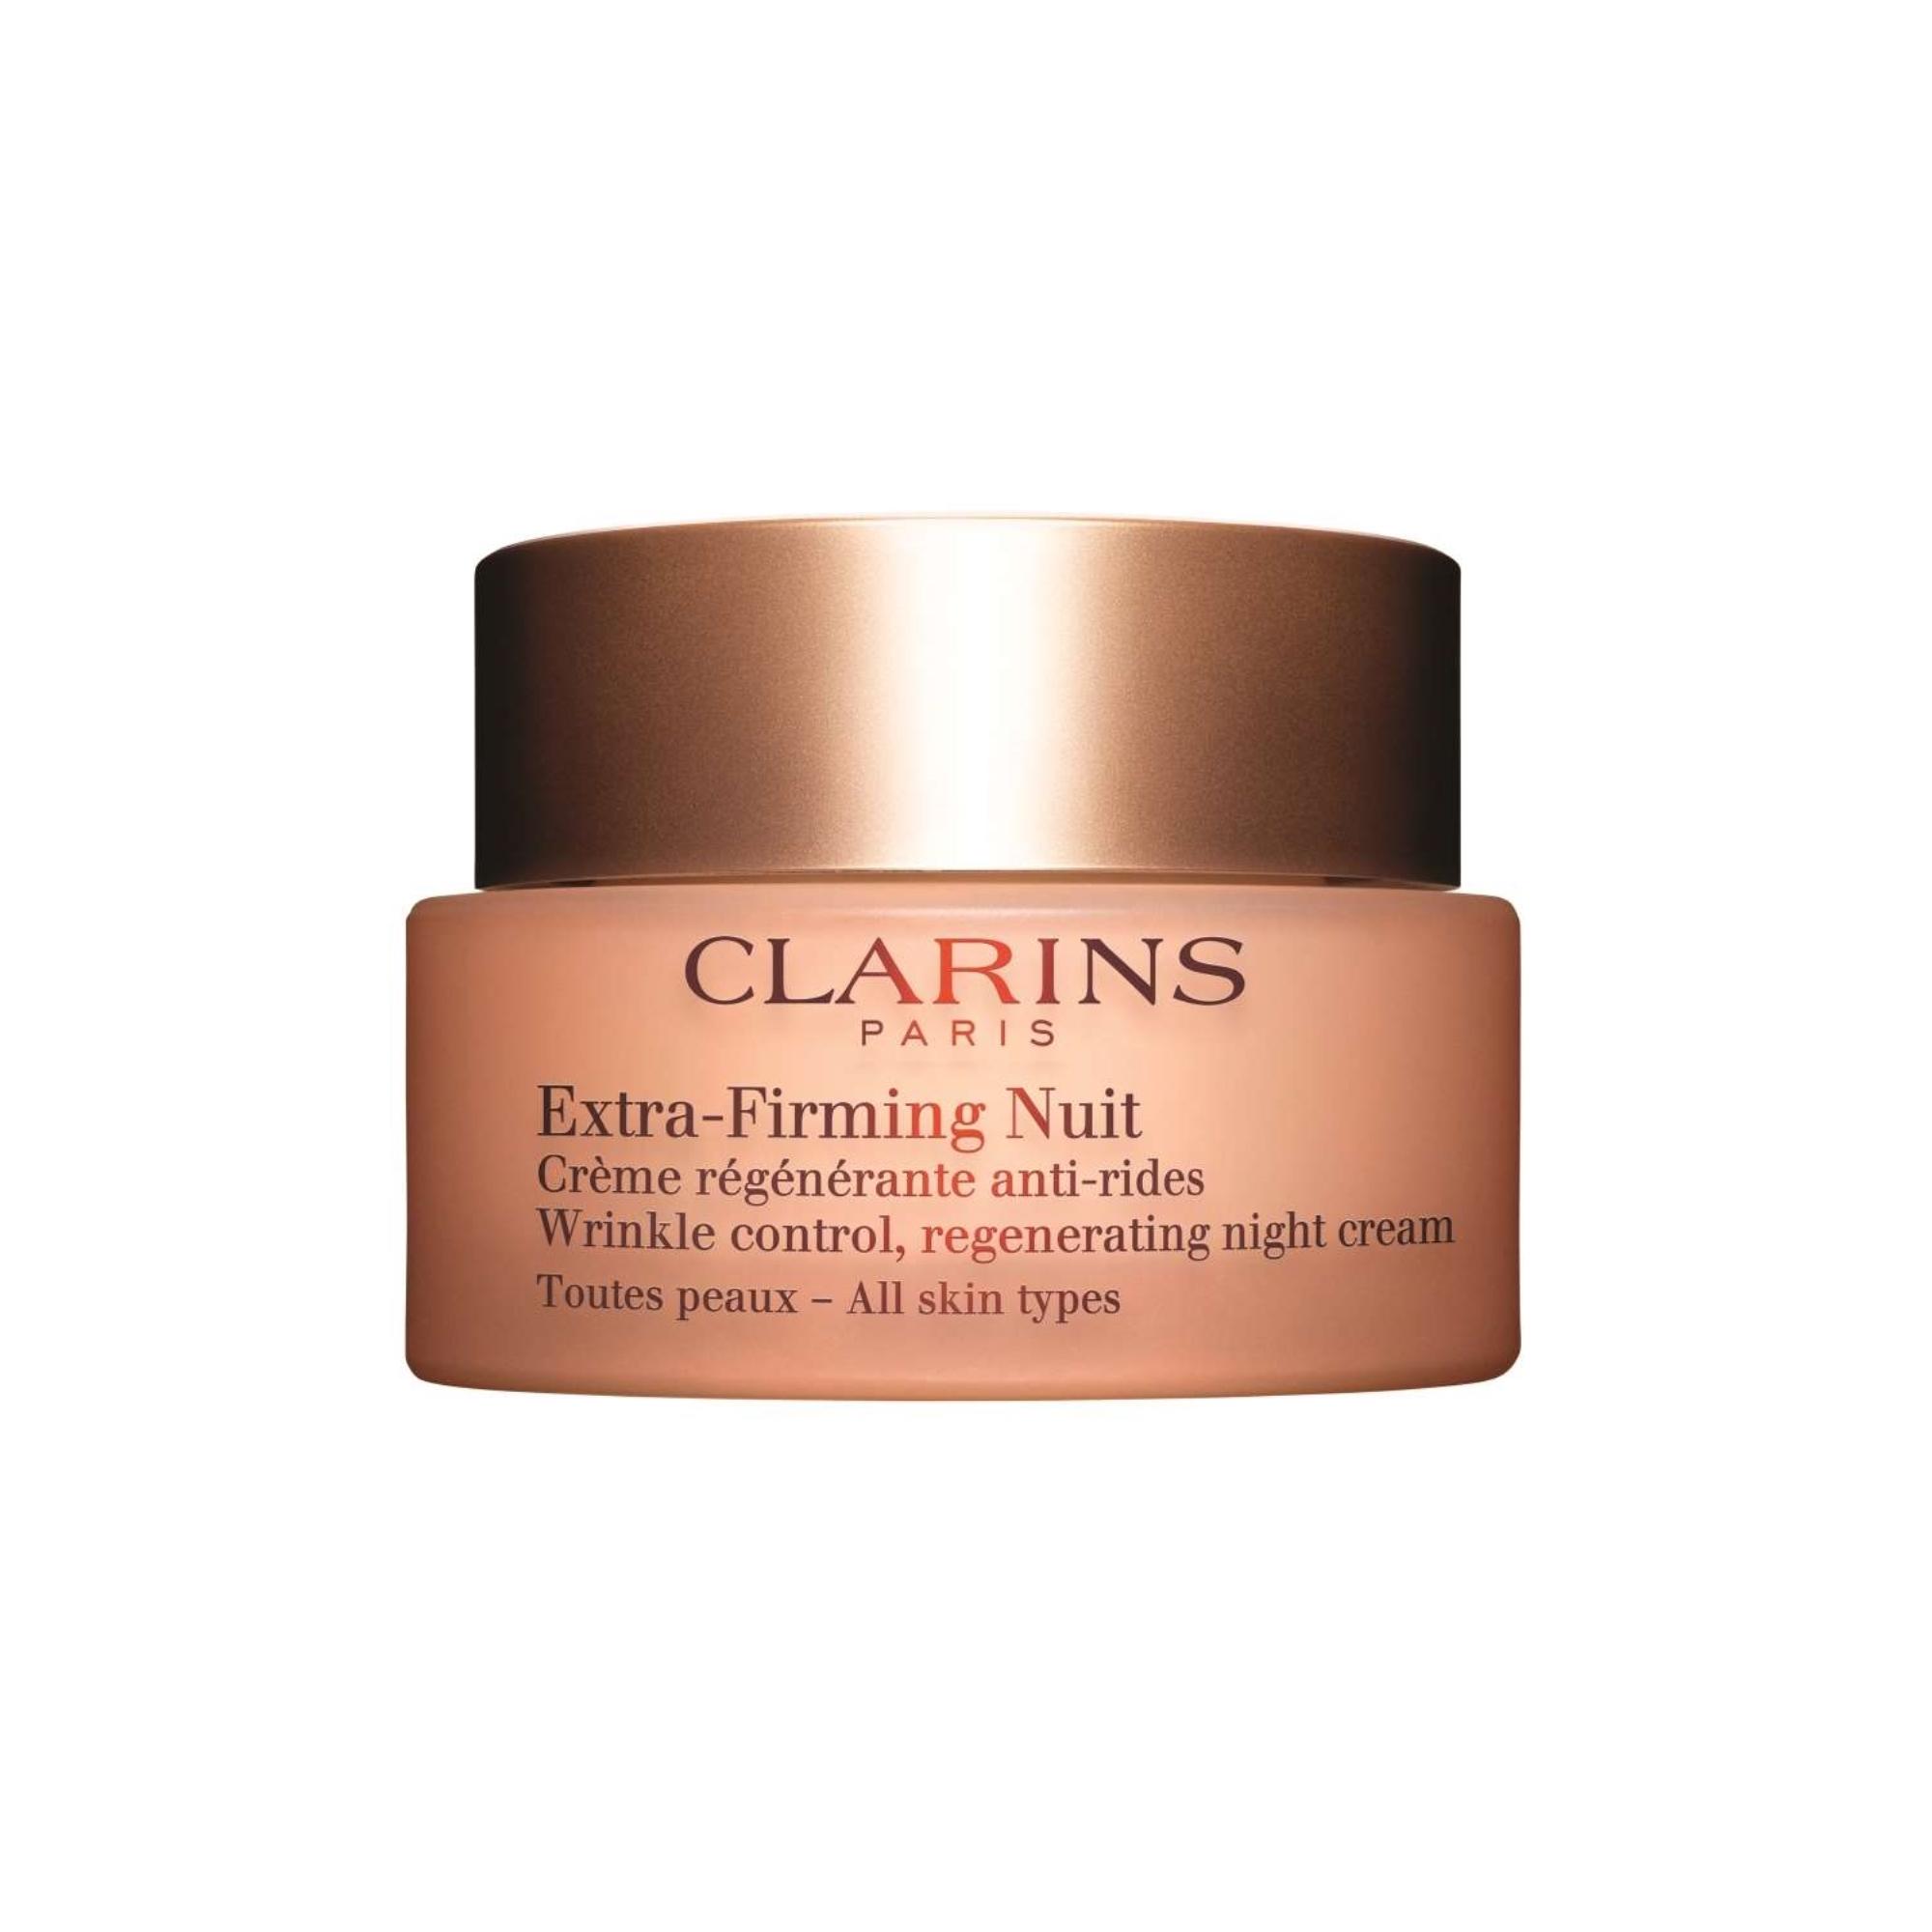 clarins hudvård recension